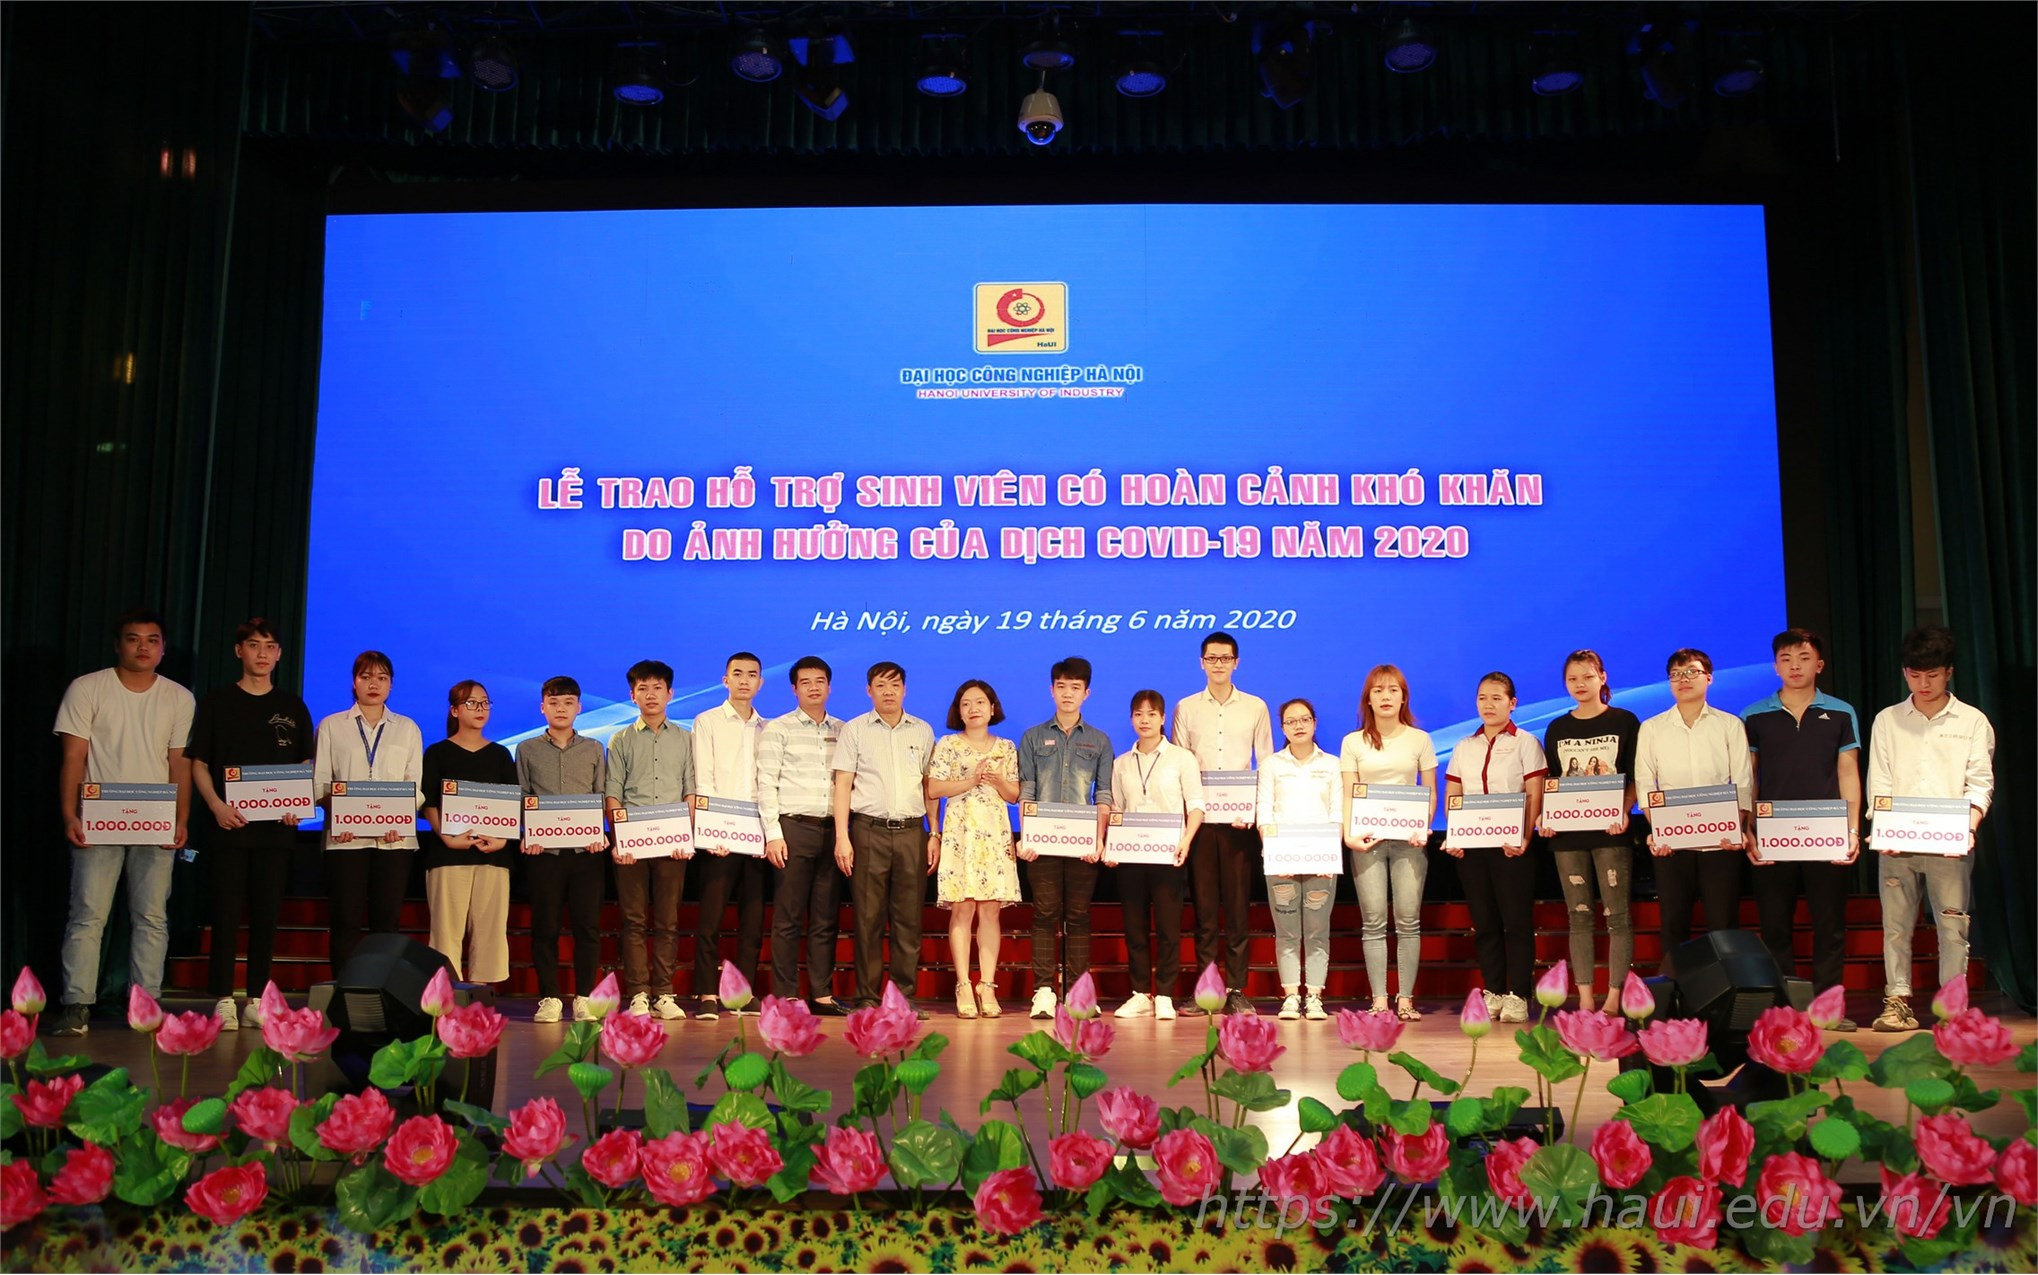 Đại học Công nghiệp Hà Nội trao hơn 500 triệu đồng hỗ trợ cho sinh viên có hoàn cảnh khó khăn do ảnh hưởng của dịch Covid 19 (đợt 1)